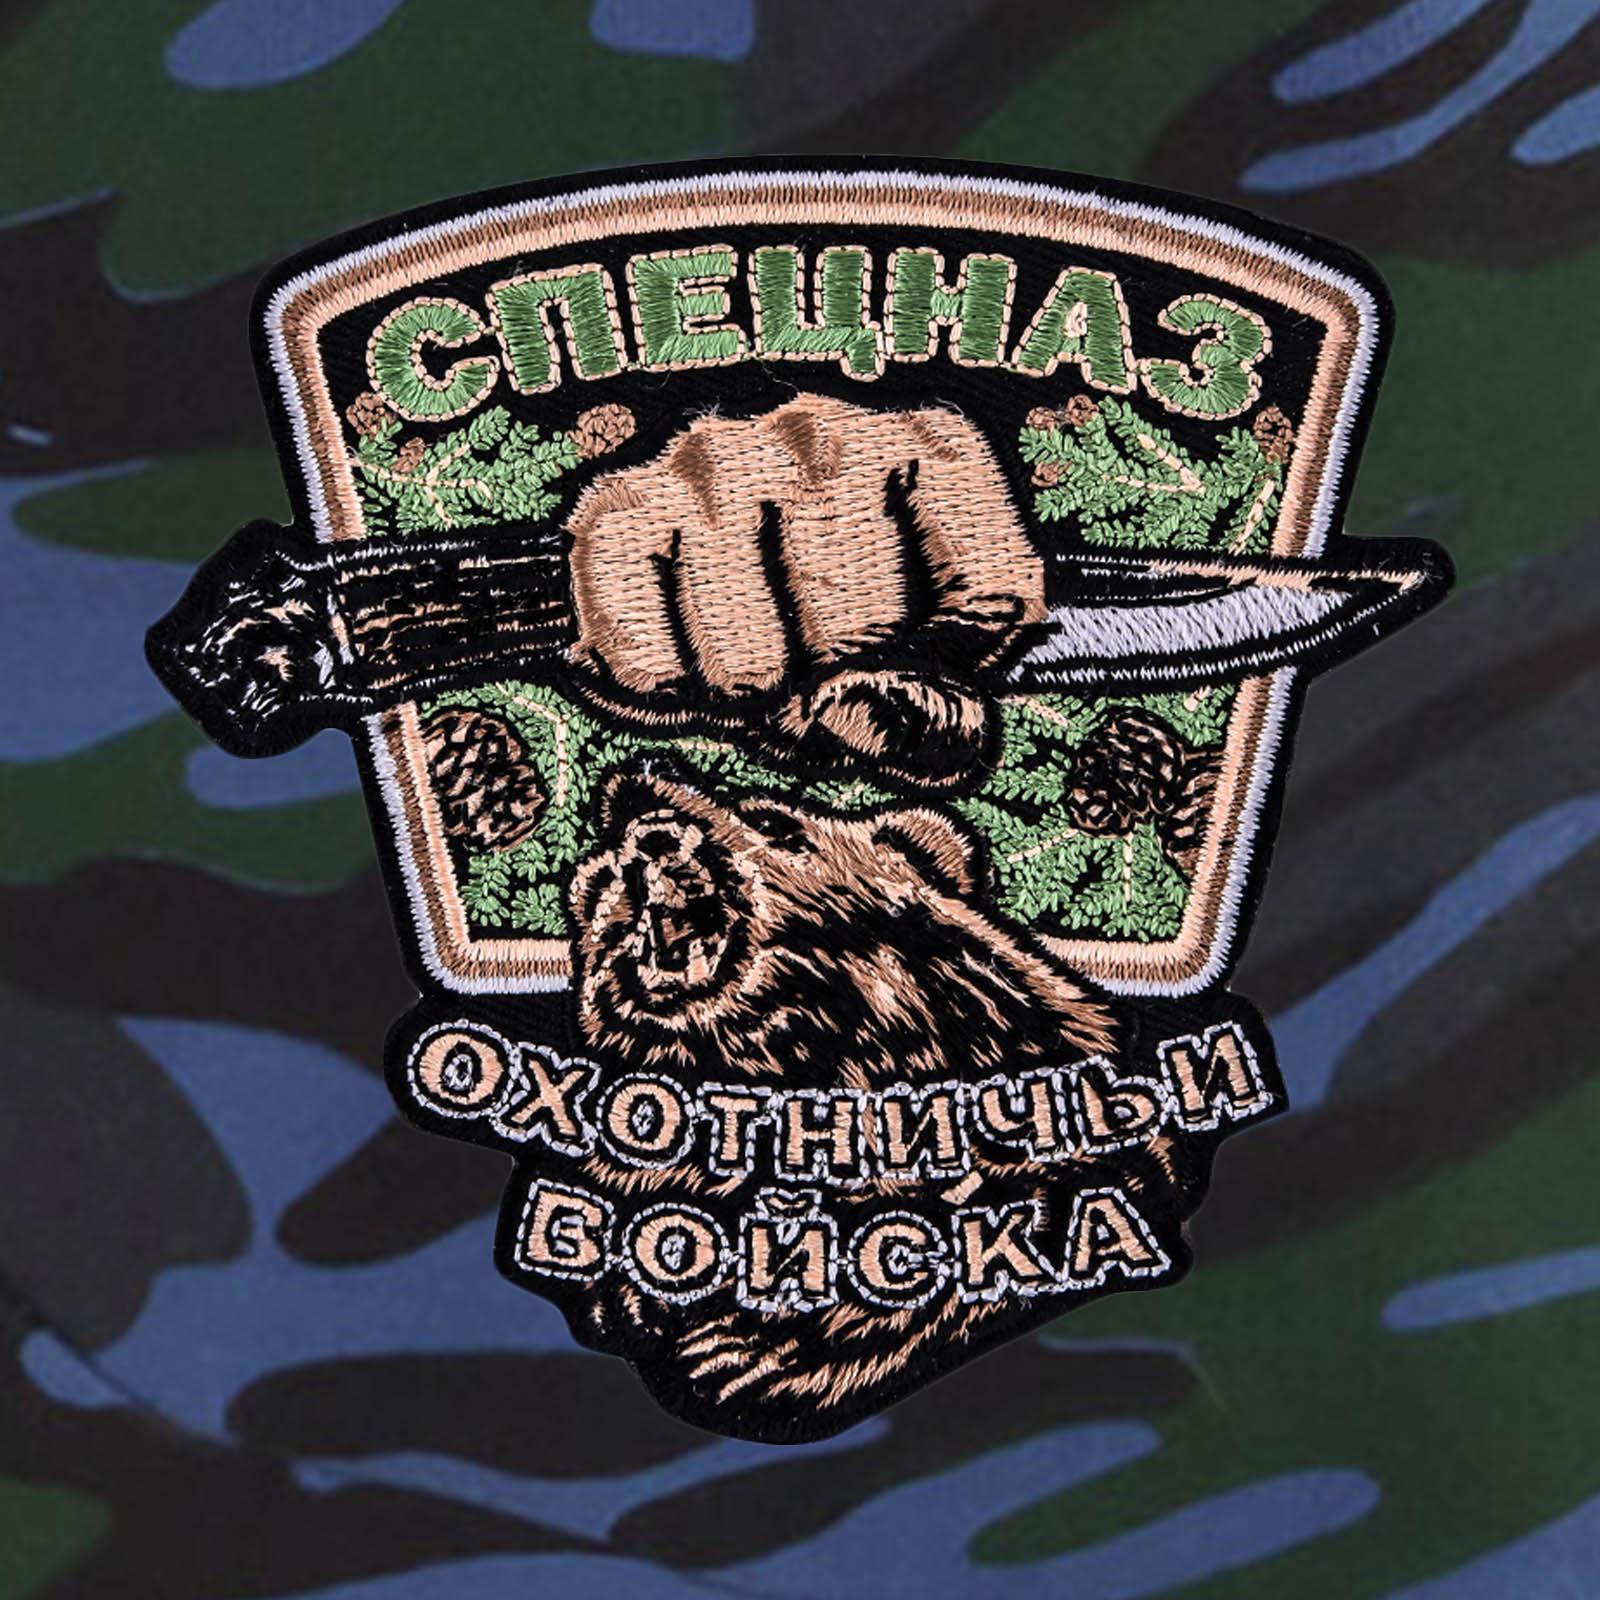 Трикотажные мужские шорты с эмблемой Охотничьих войск купить с доставкой